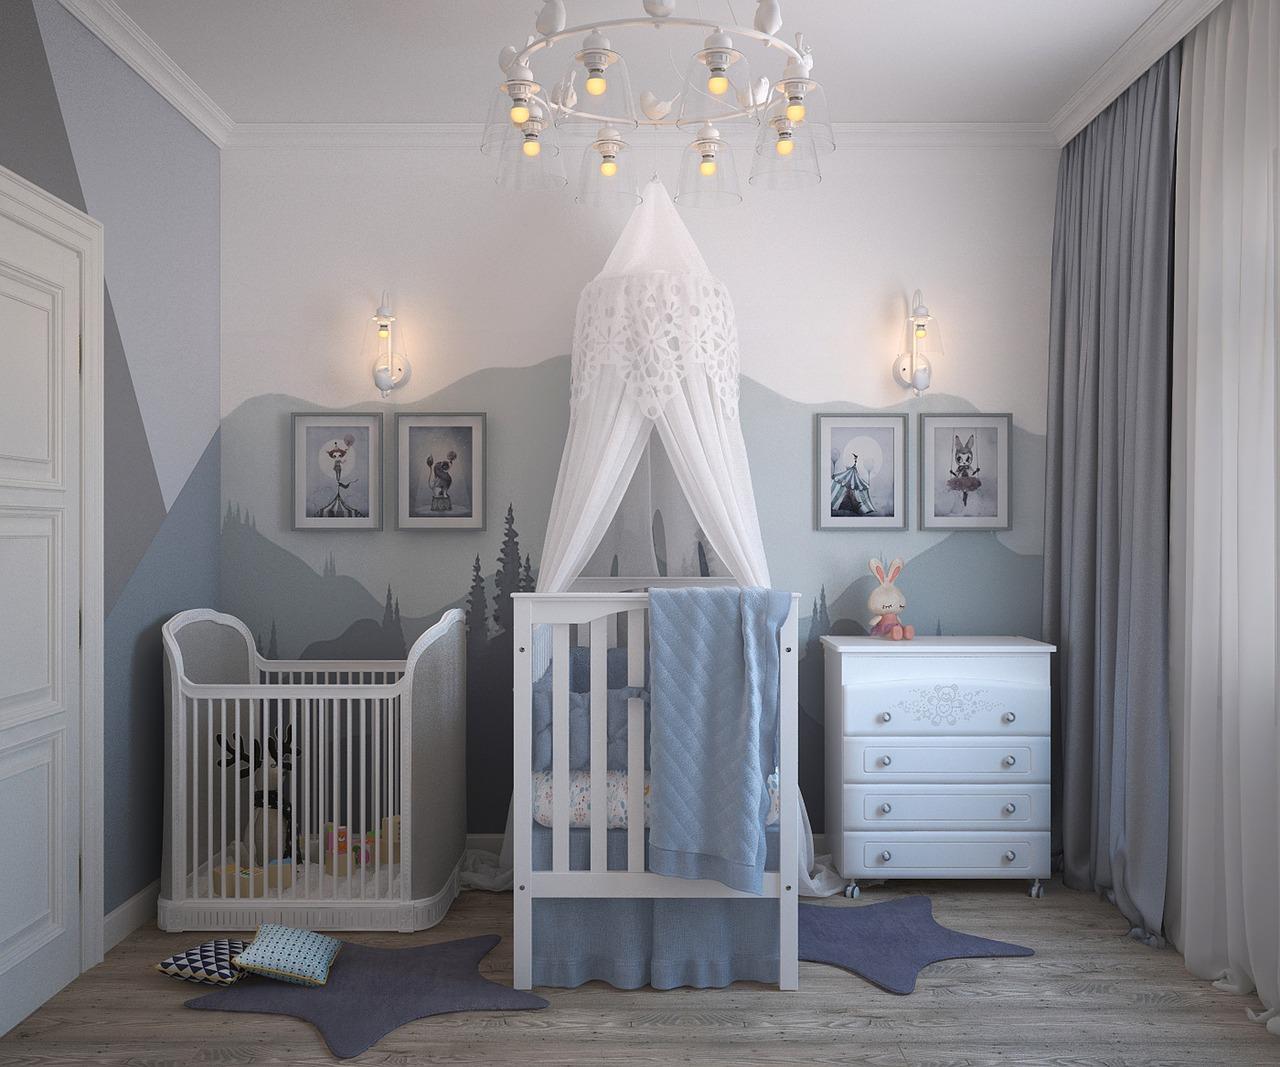 Co kupić przed narodzinami pierwszego dziecka?